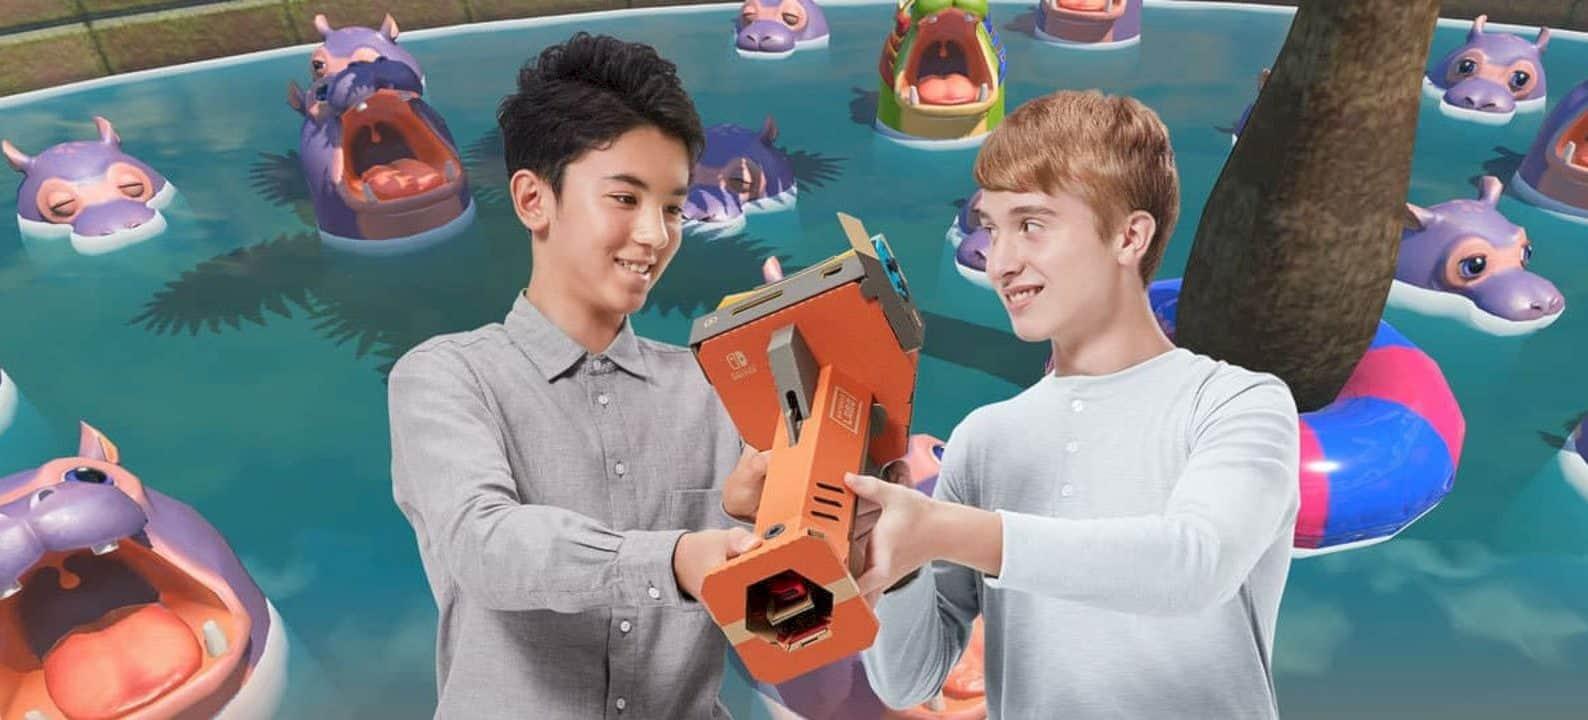 Nintendo Labo Vr Kit 4